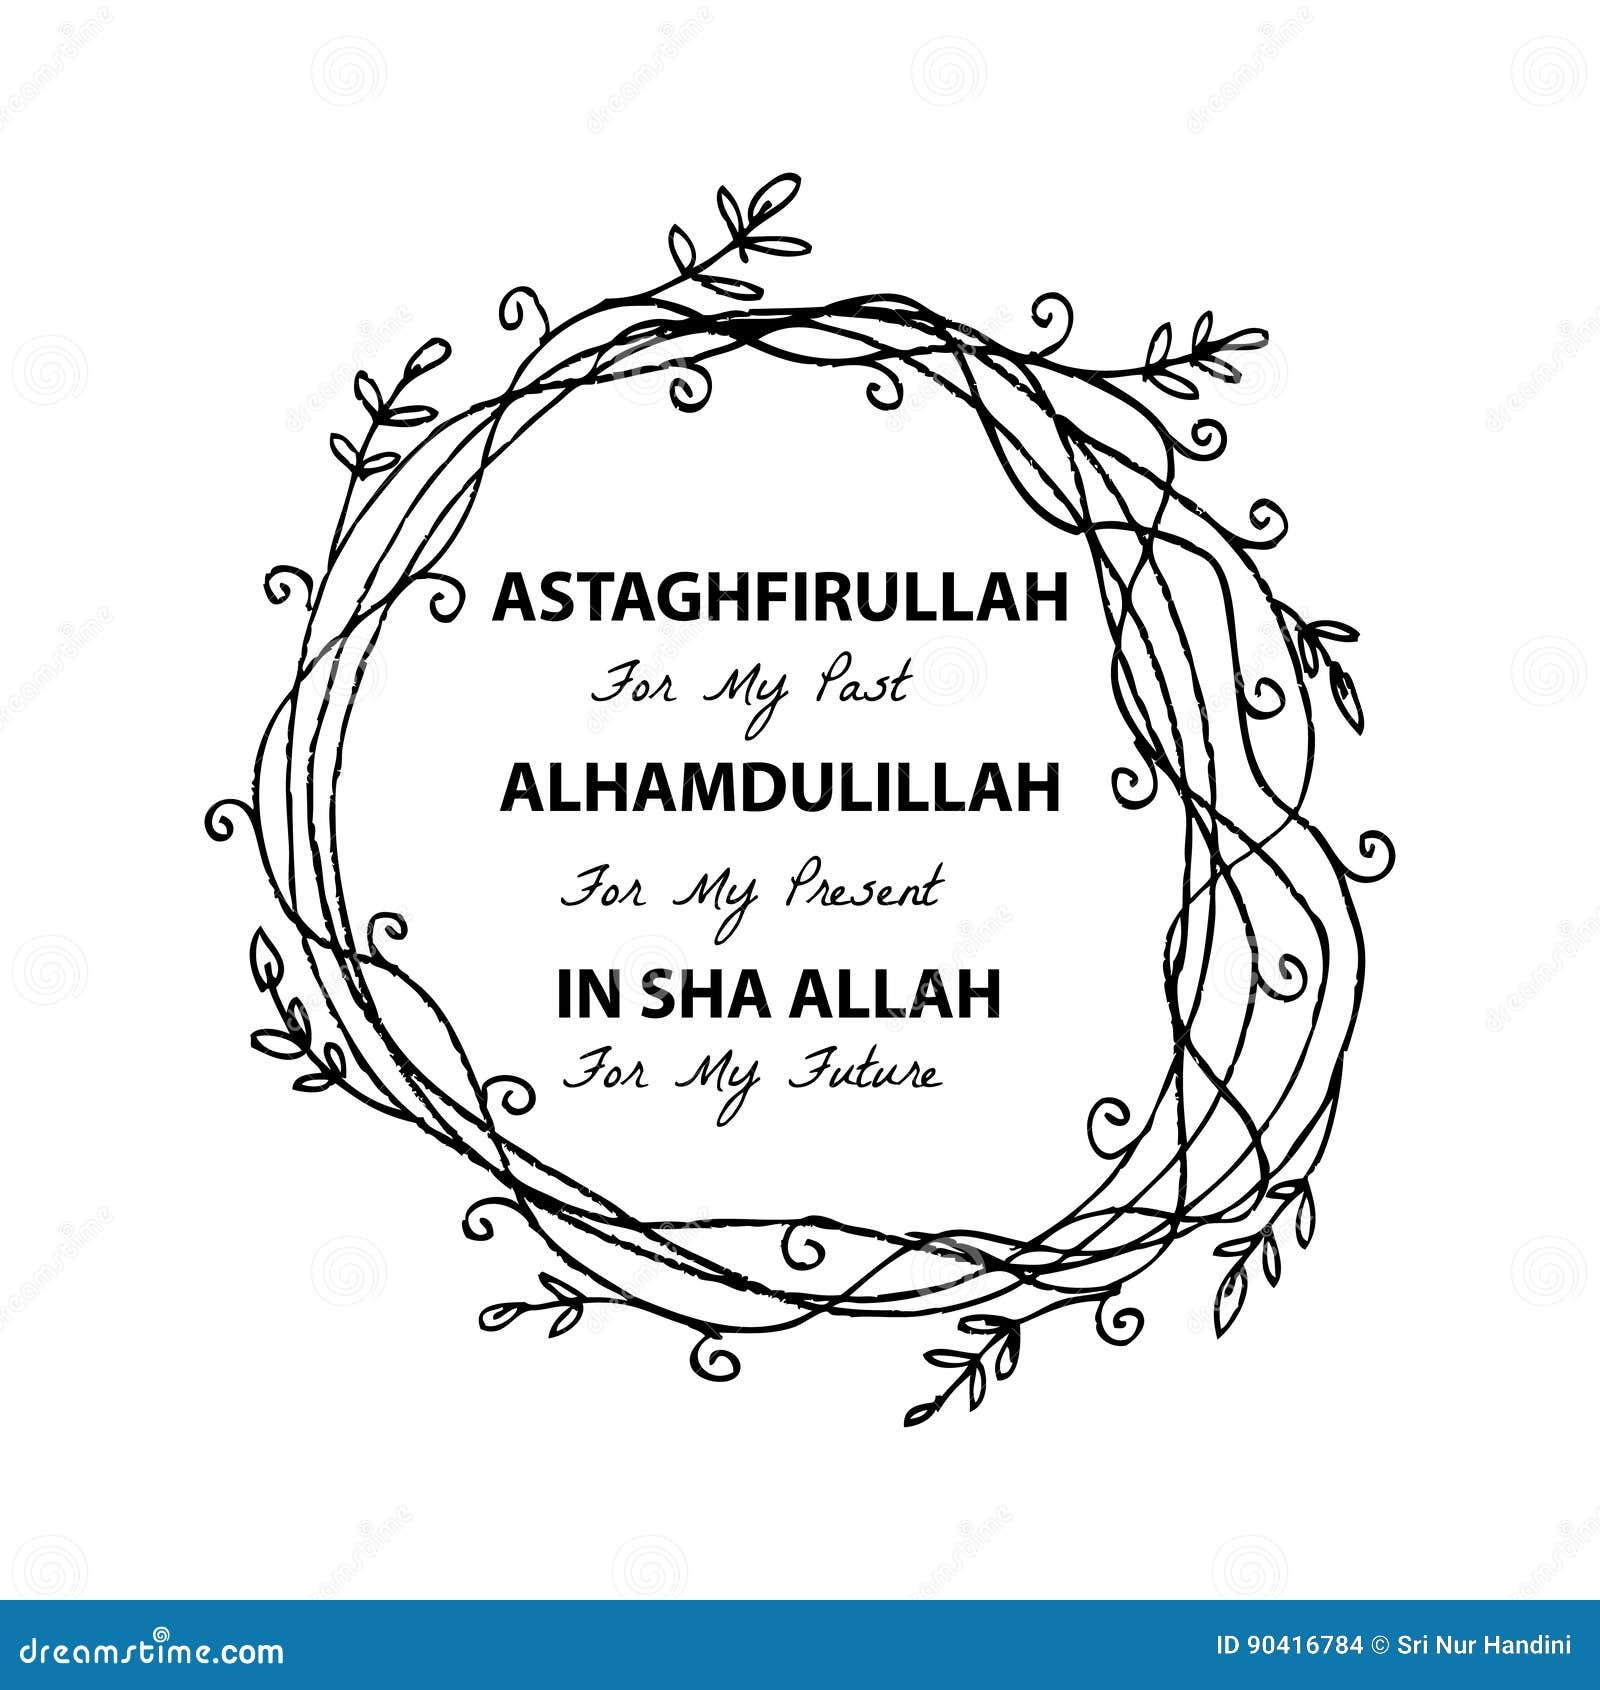 Citaten Toekomst Id : Astaghfirullah voor het verleden alhamdulillah